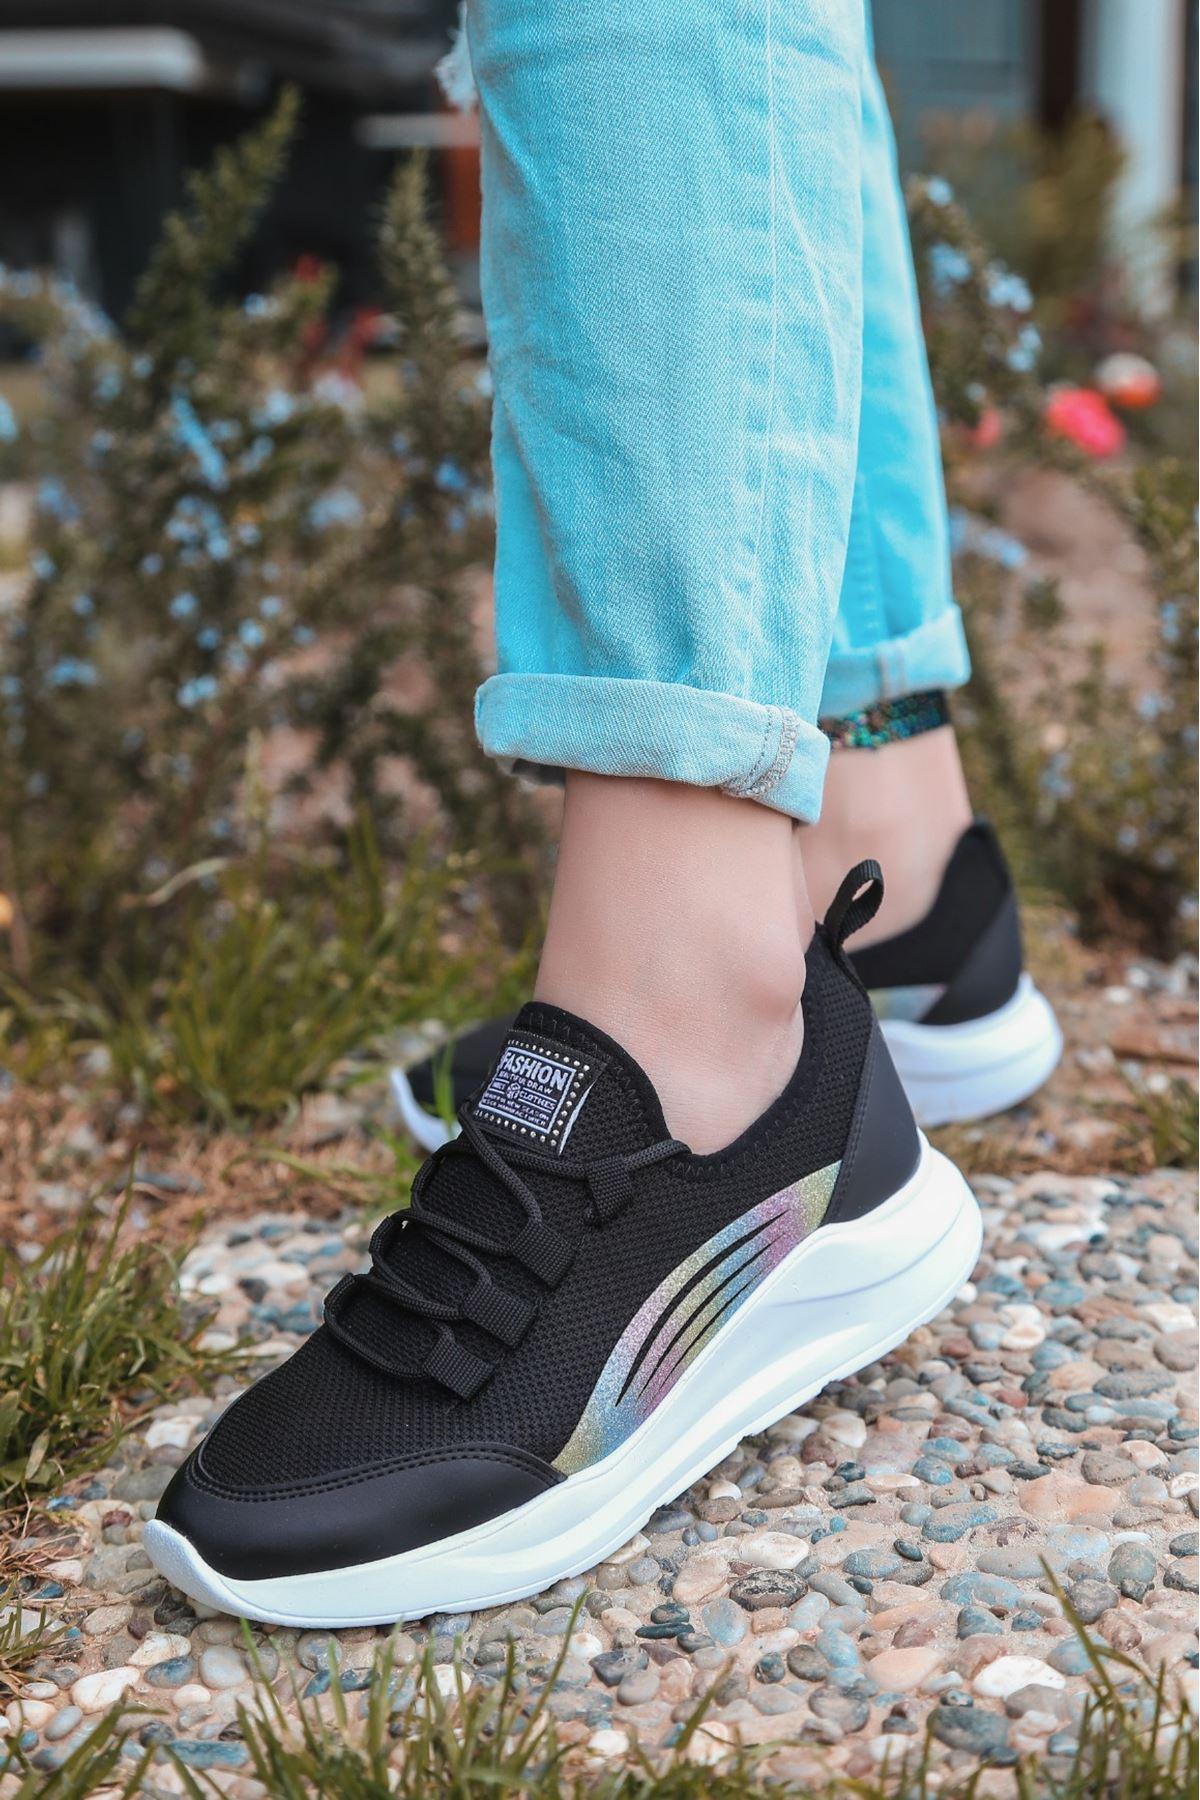 Crid Siyah Cilt Bağcıklı Spor Ayakkabı